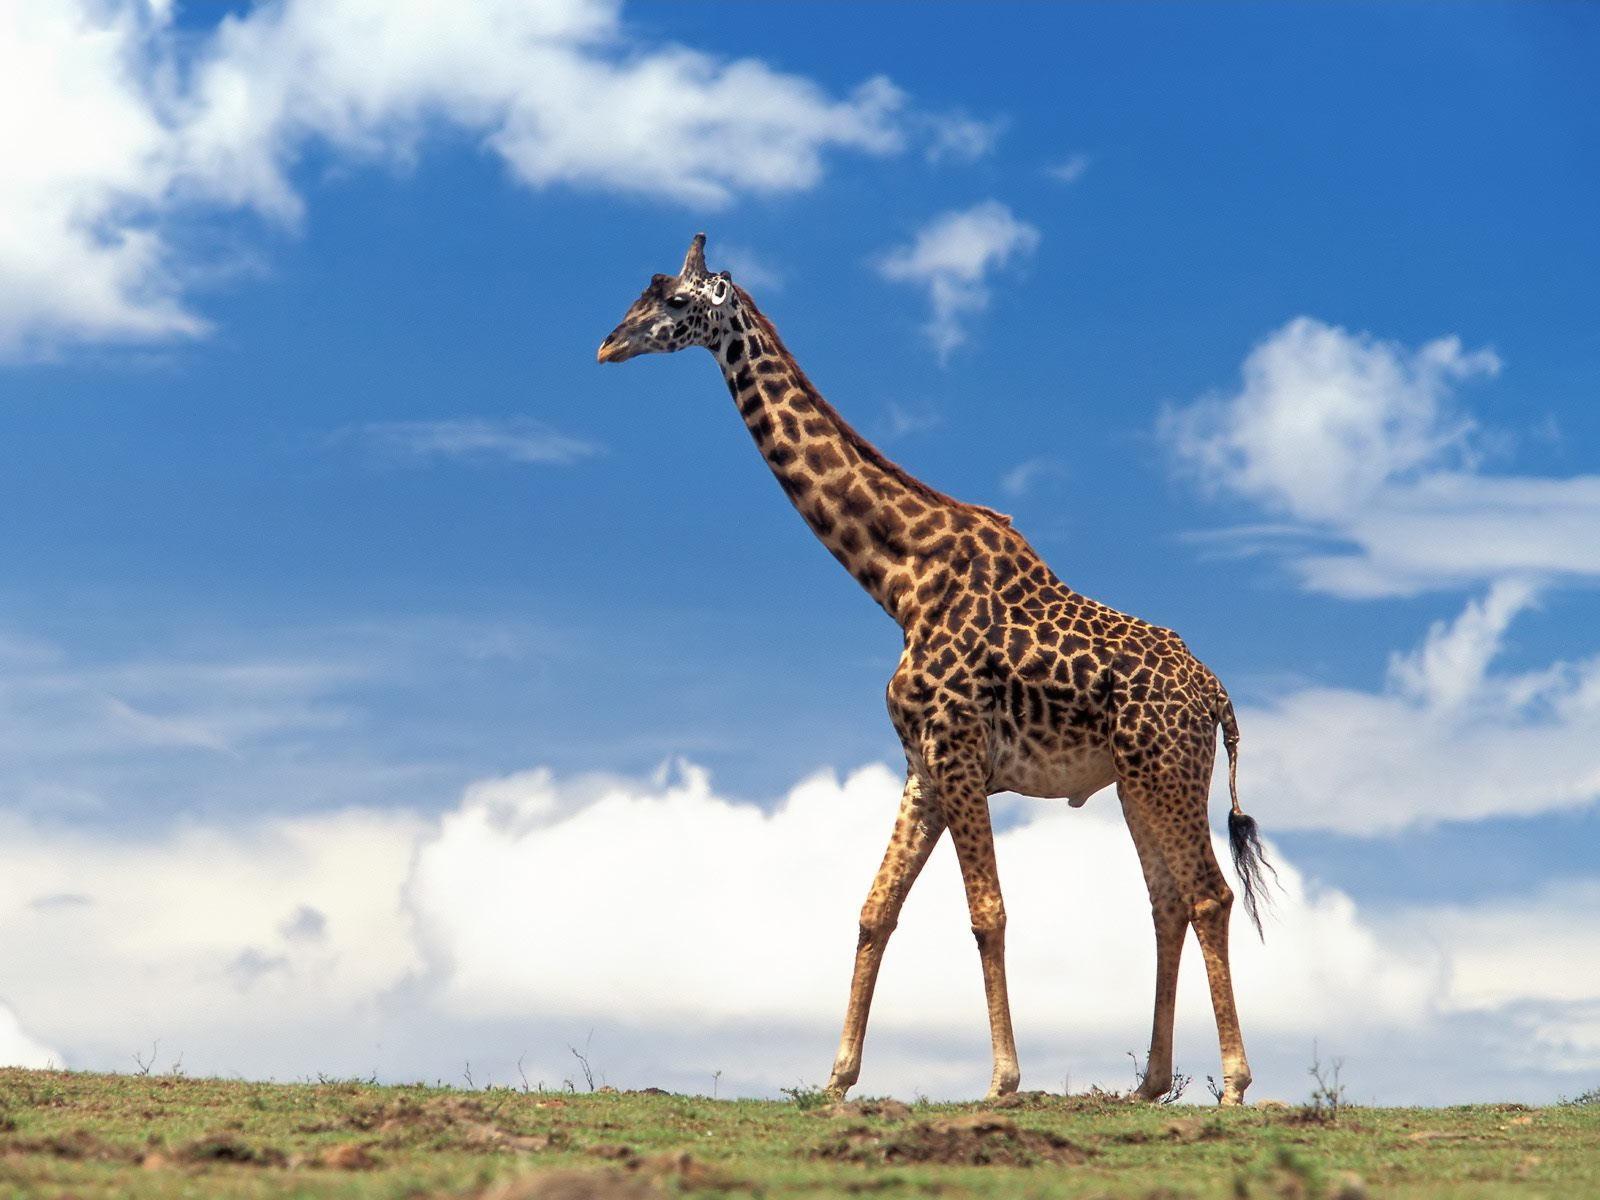 Giraffe photos